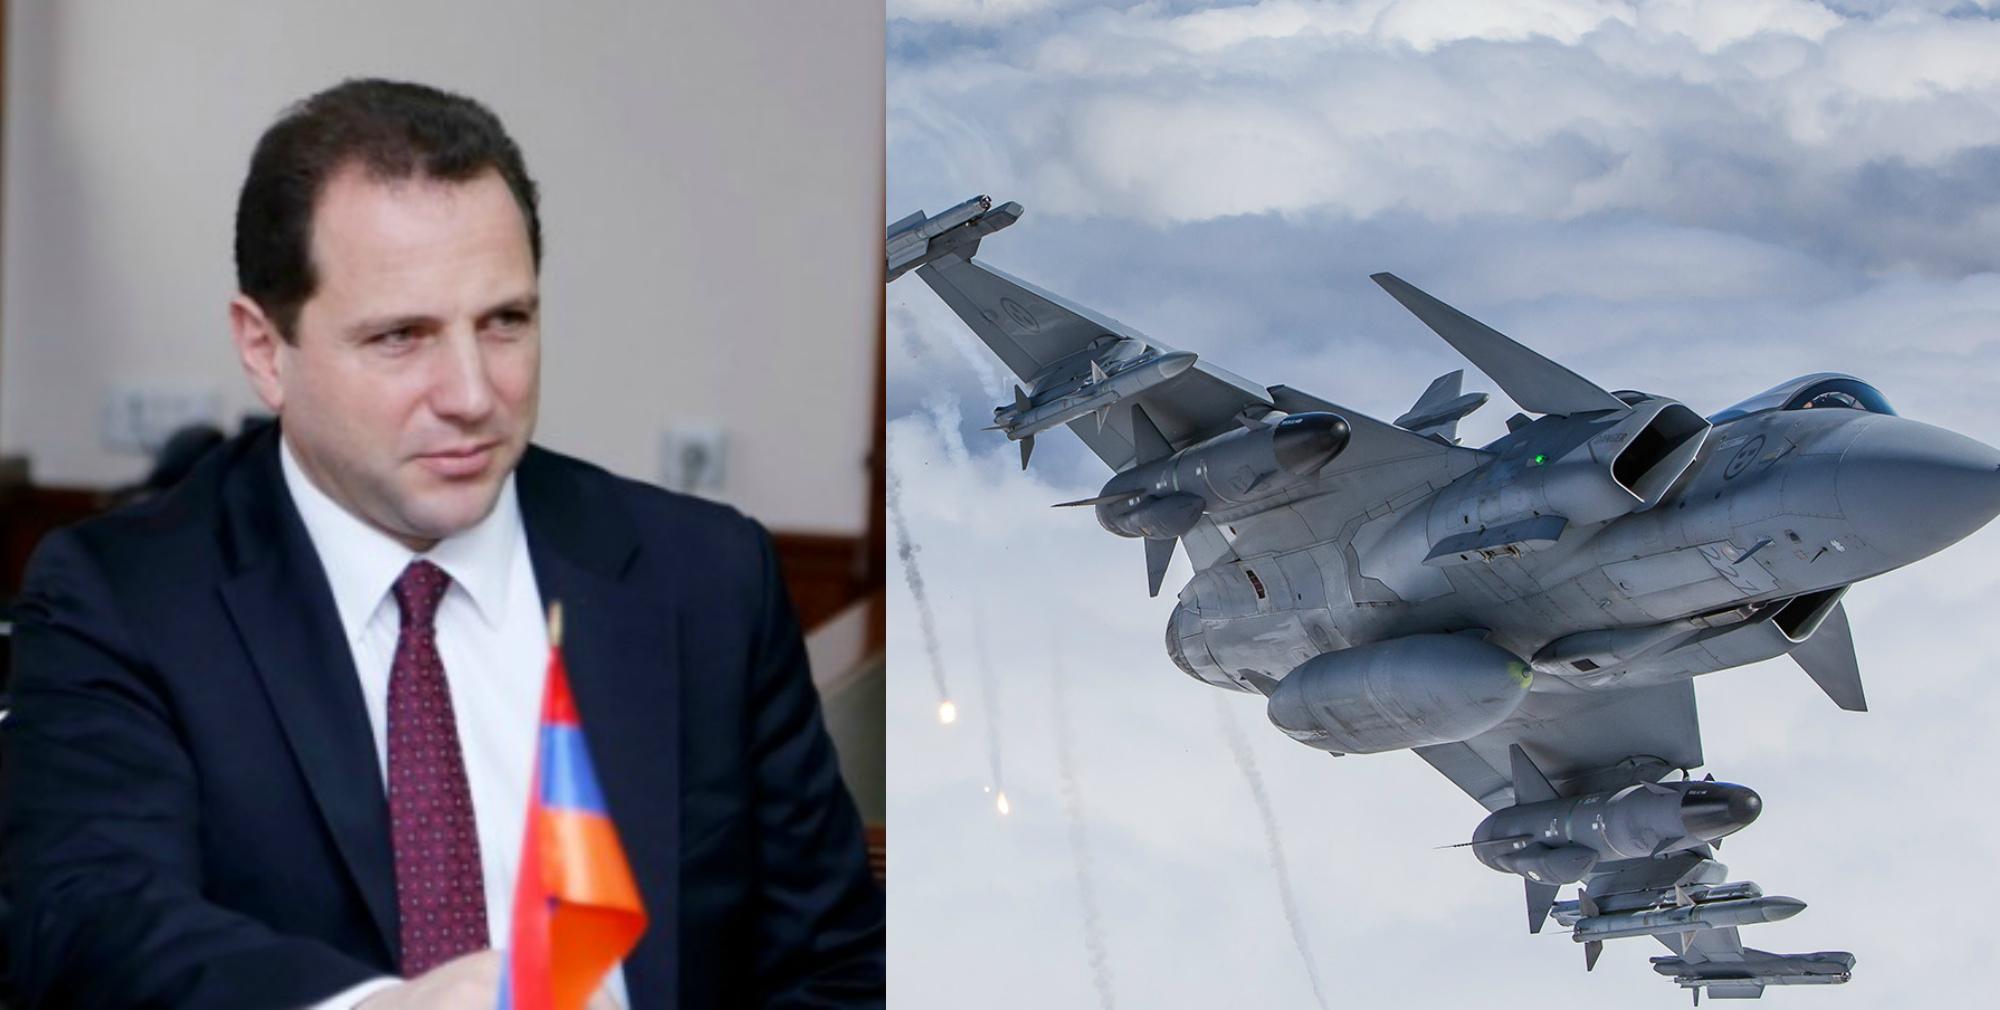 Դավիթ Տոնոյանը՝ ՊՆ-ի կողմից շվեդական Gripen կործանիչներ ձեռք բերելու մասին